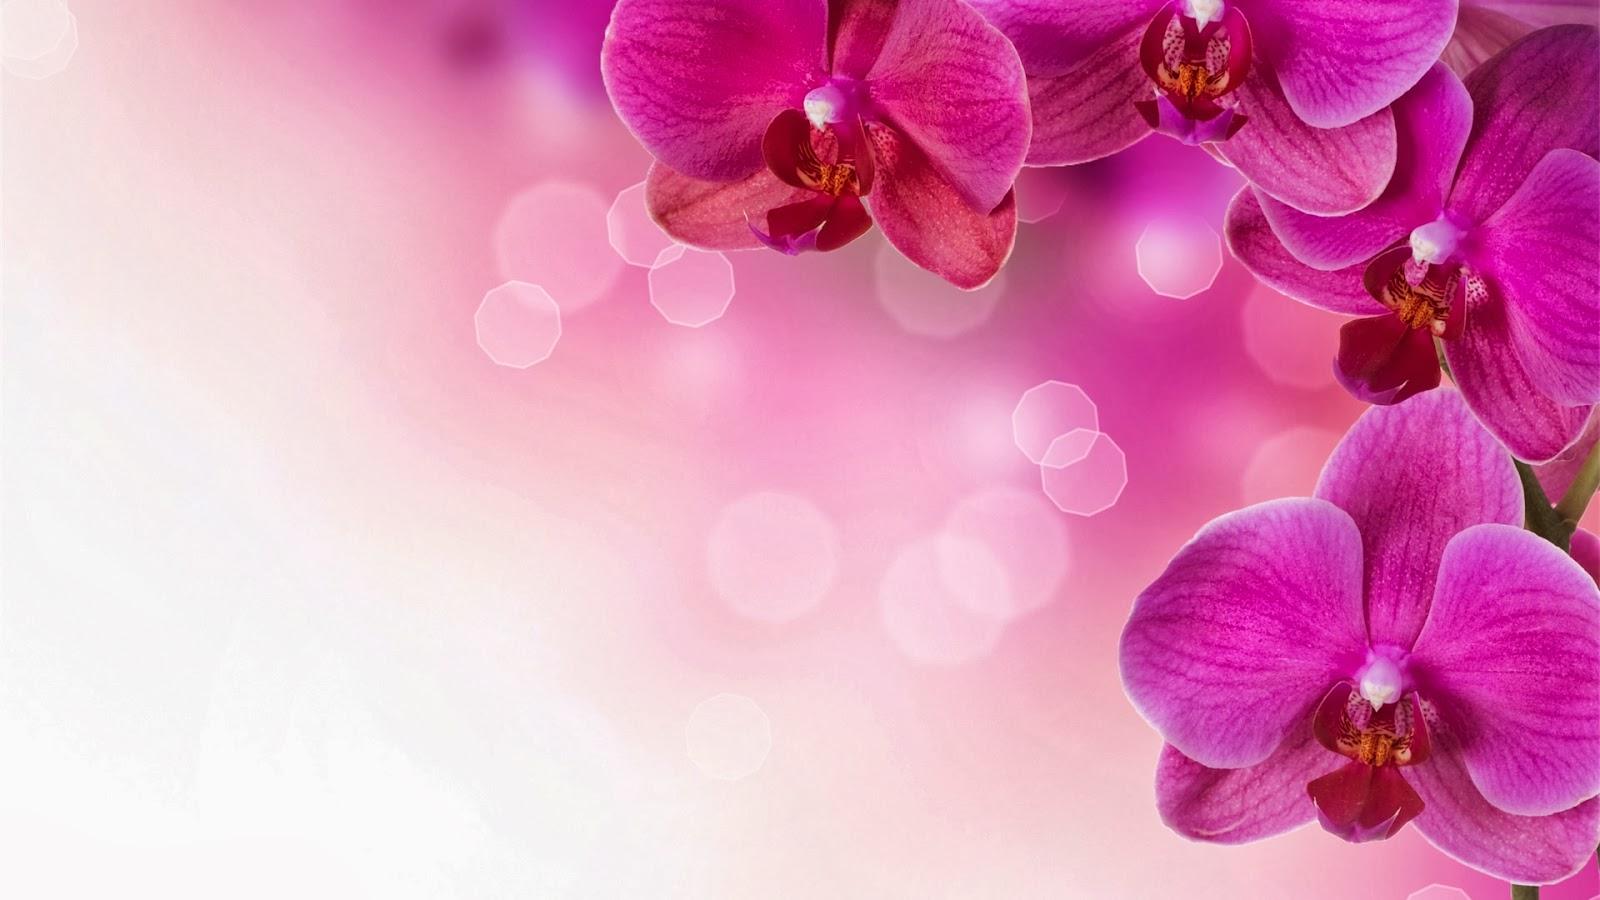 Fondo De Pantalla Flores Rosas: Fondo De Pantalla Flores Rosas